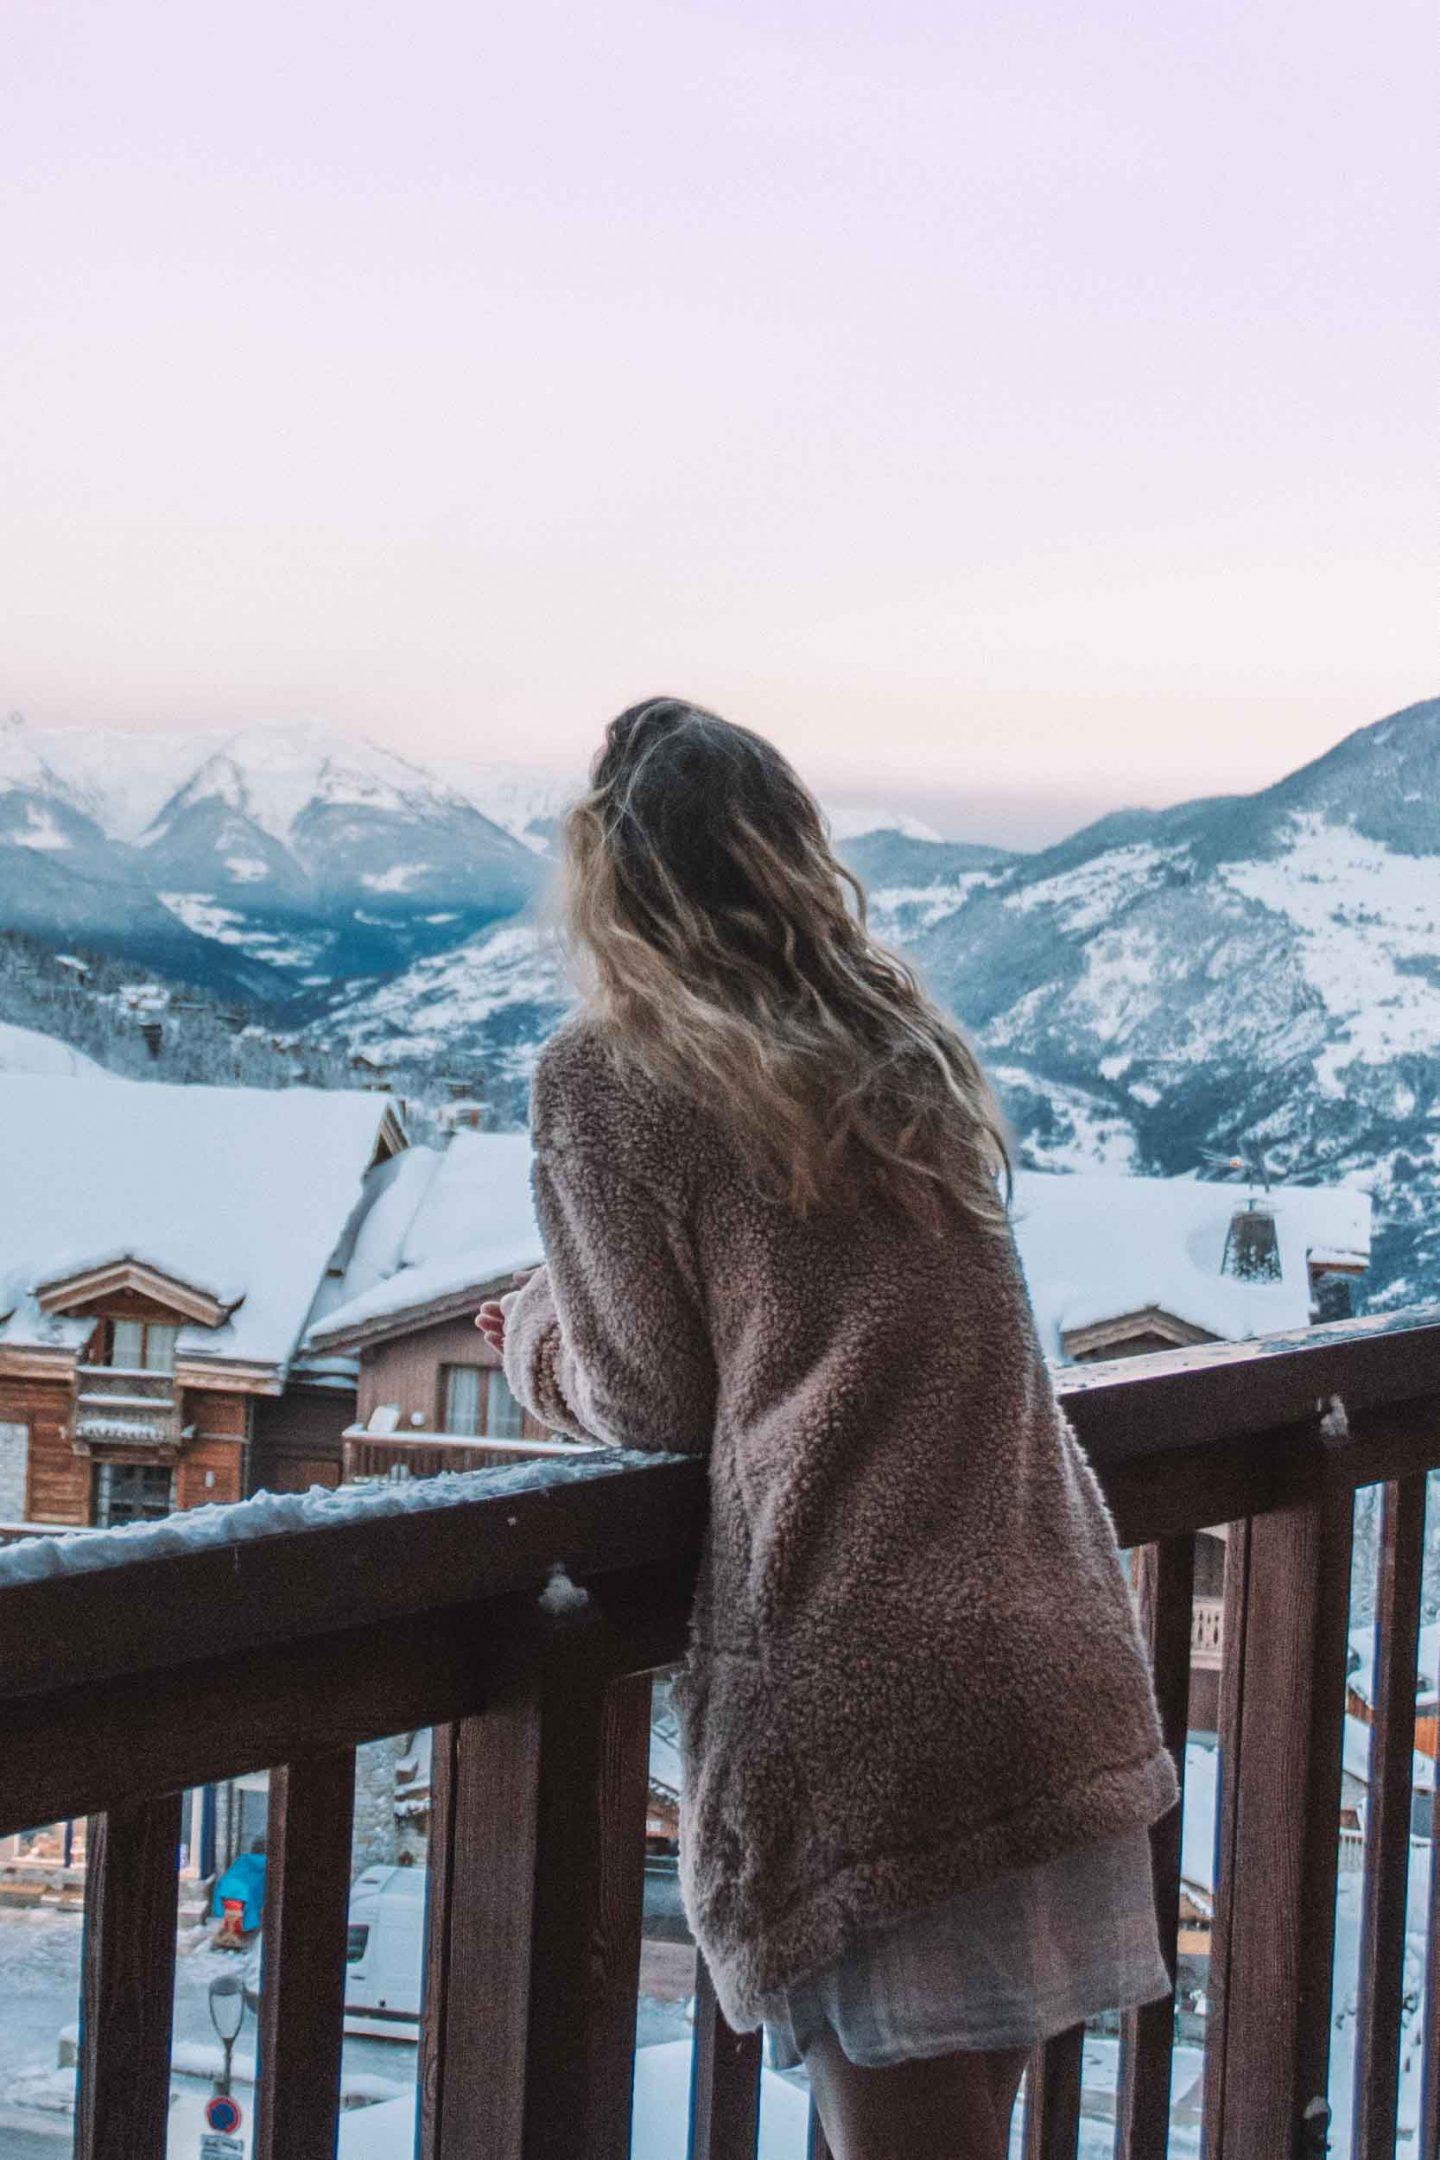 vue_terrasse_hotel_fahrenheit_seven_courchevel